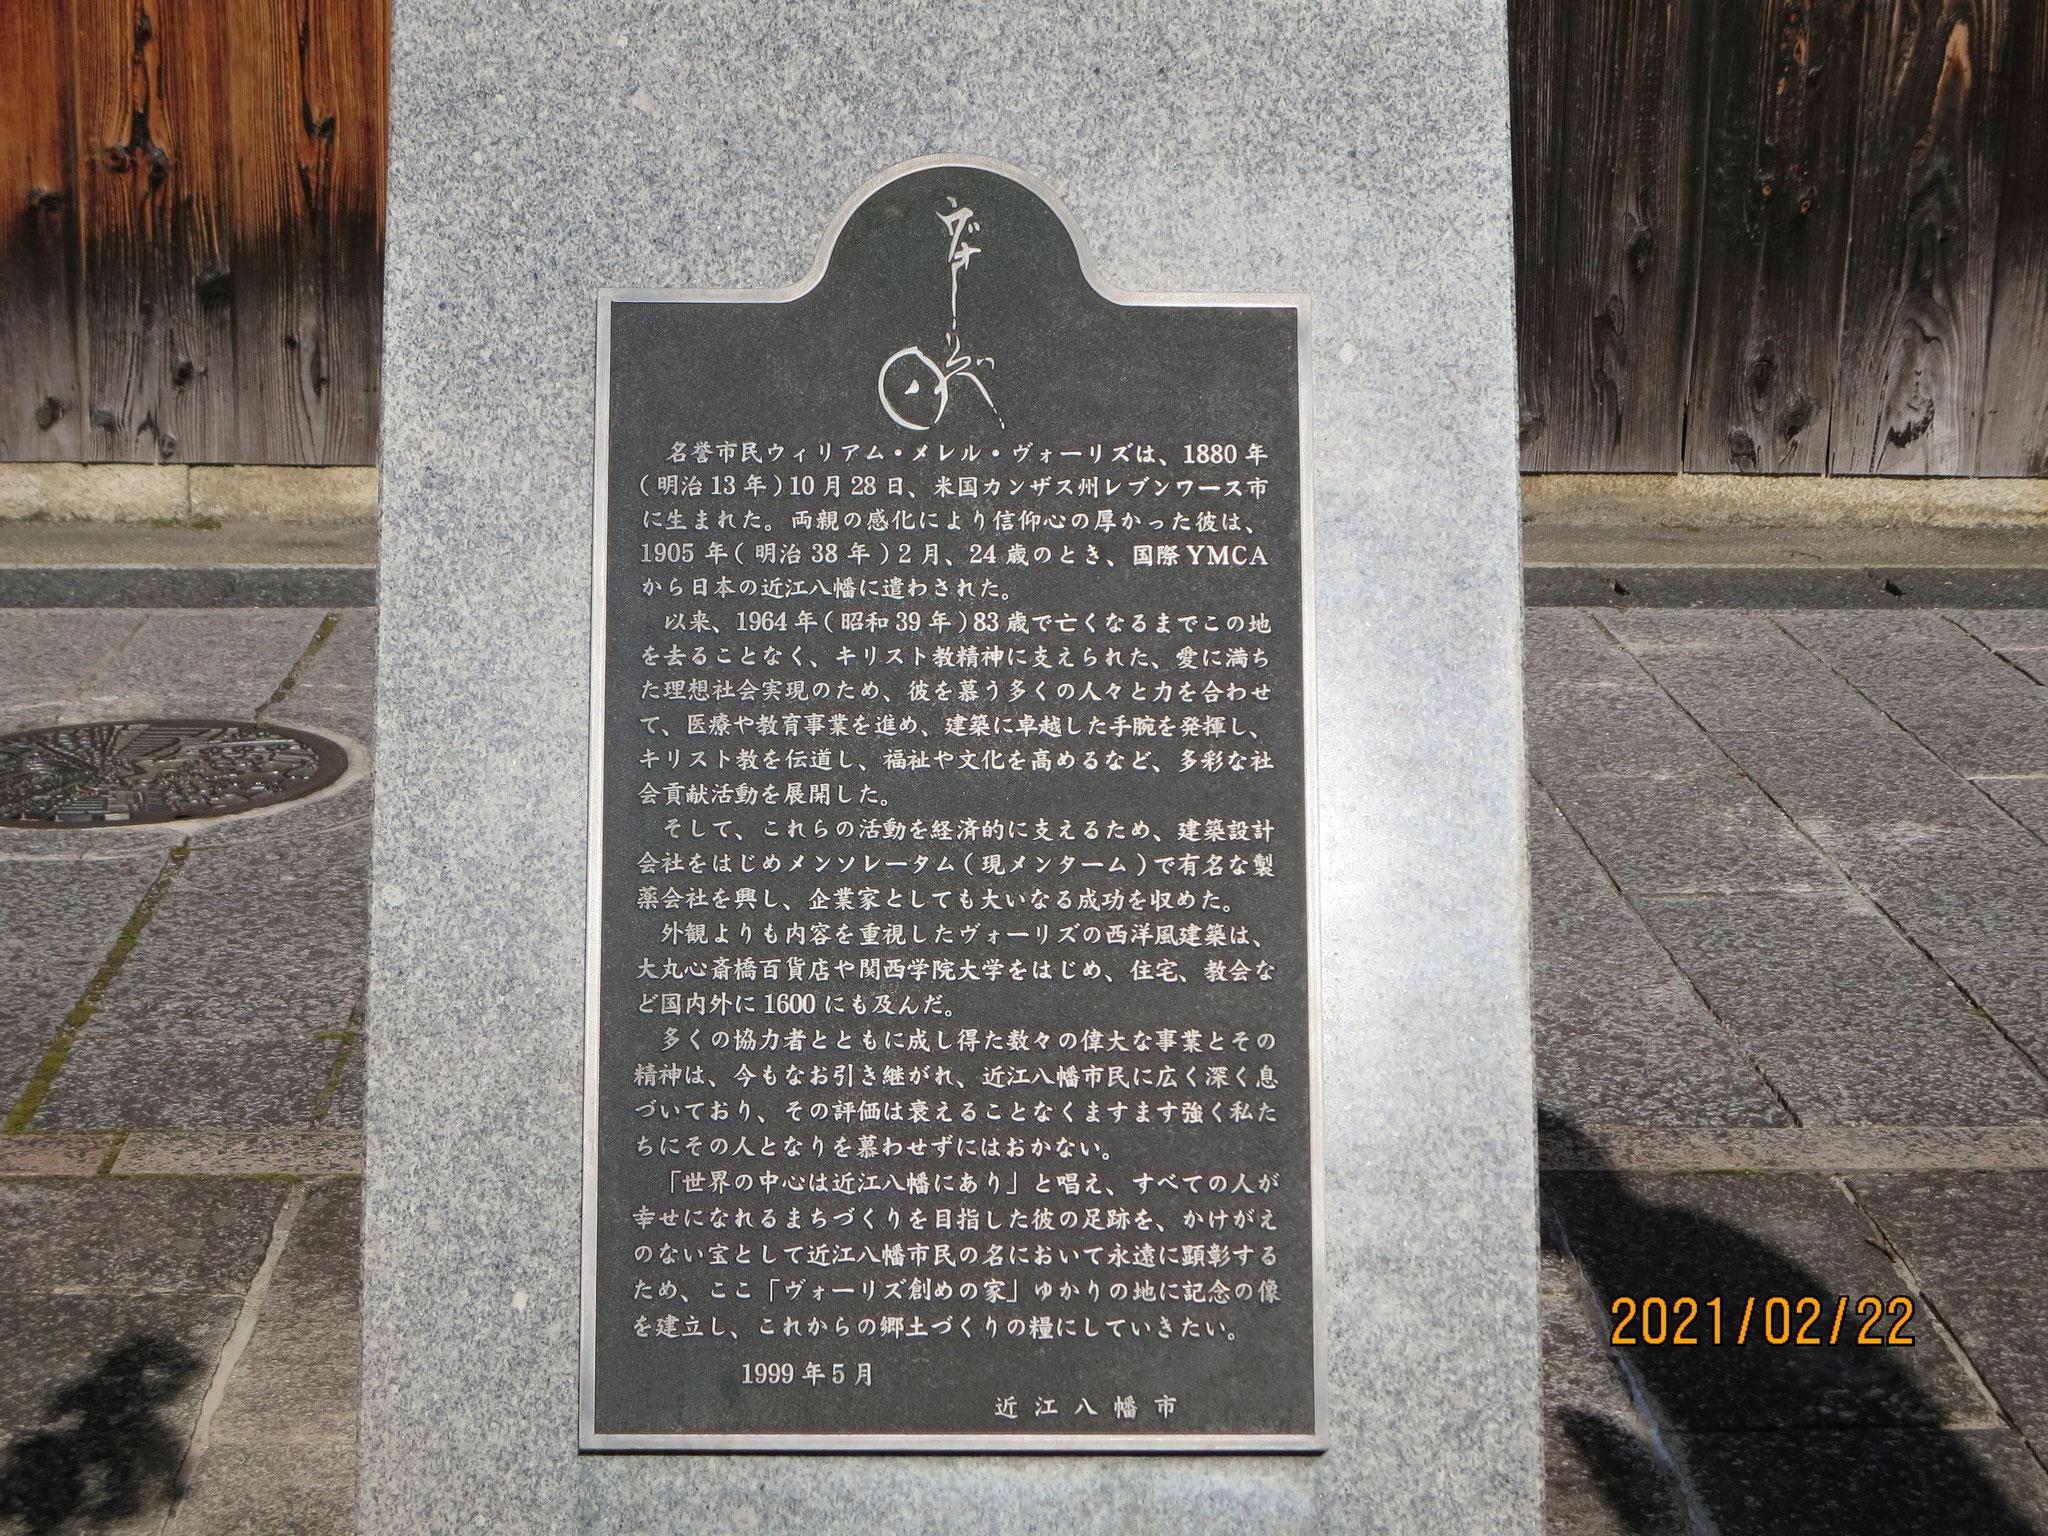 一柳米来留  メンソレータム(メンタム)で有名な近江兄弟社を創立・建築技師としても手腕発揮